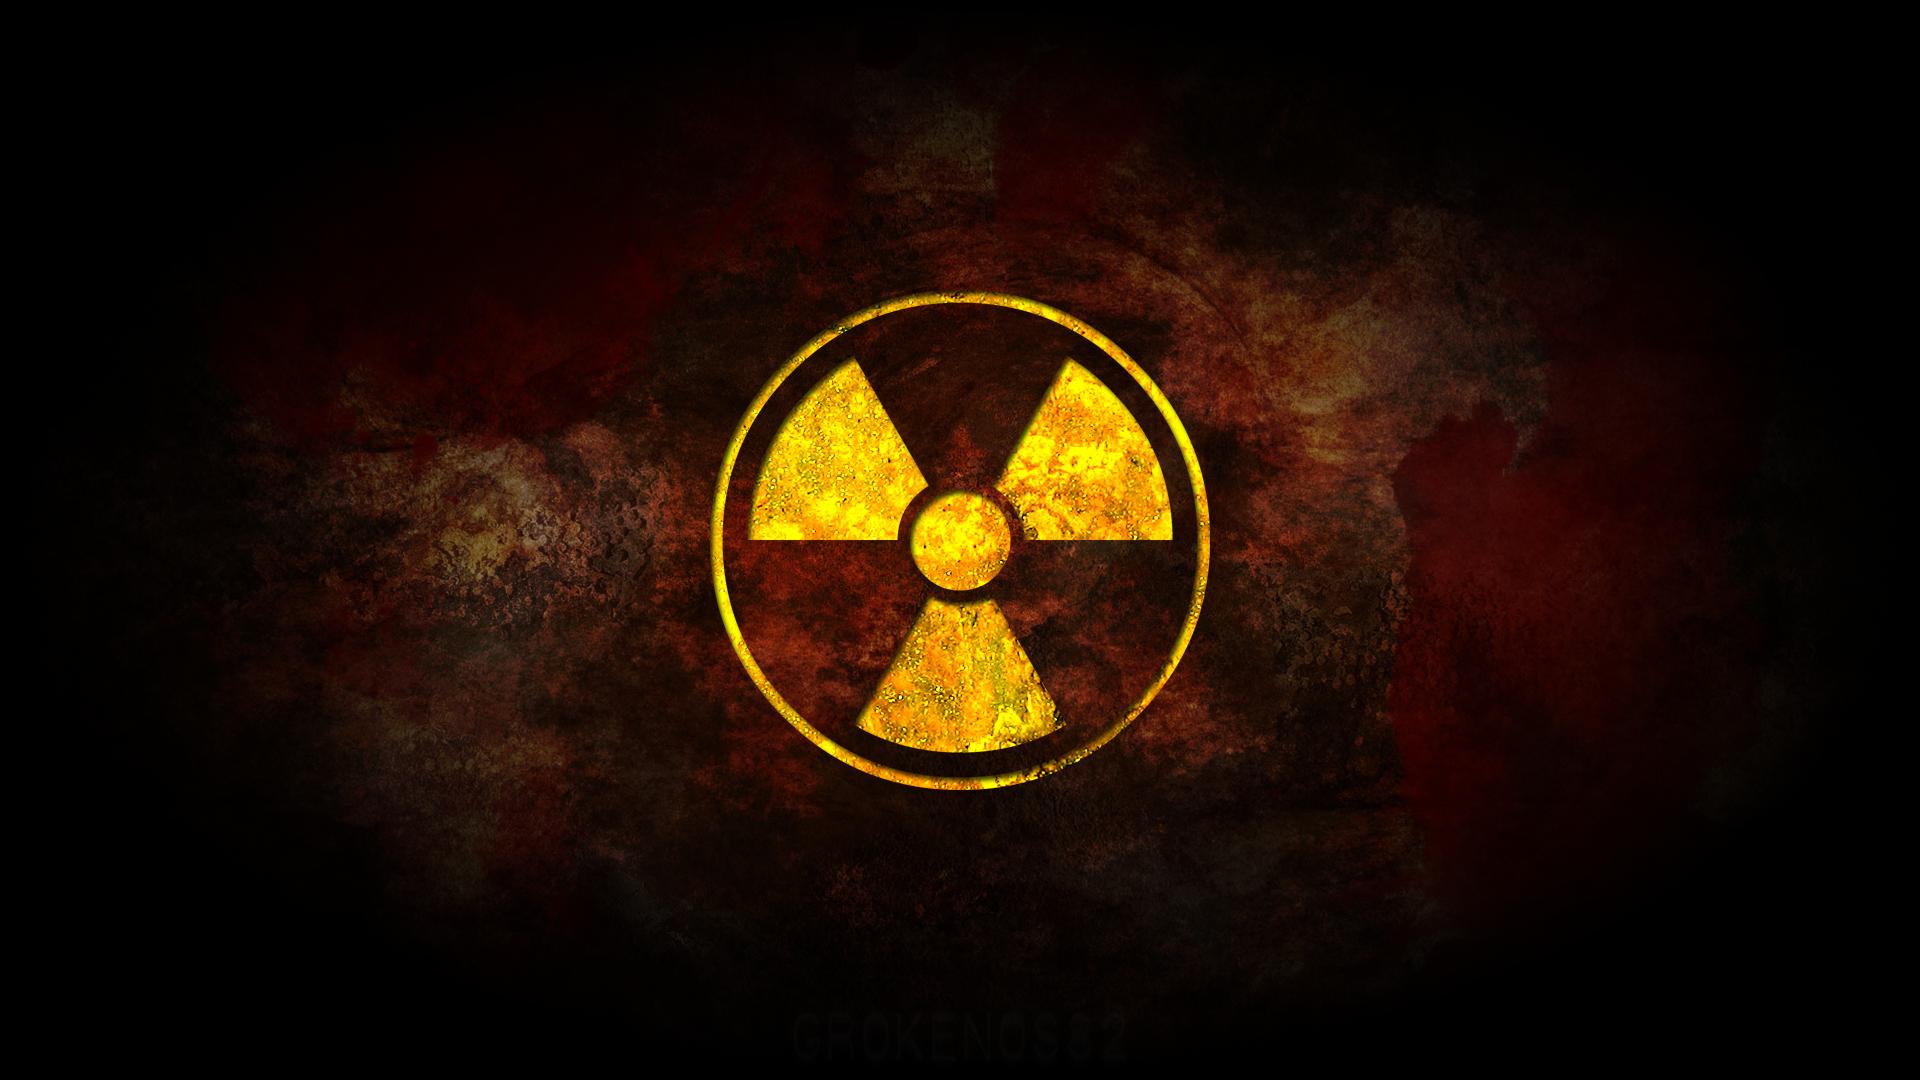 HD Wallpaper Radioactive by Grokenos82 on DeviantArt